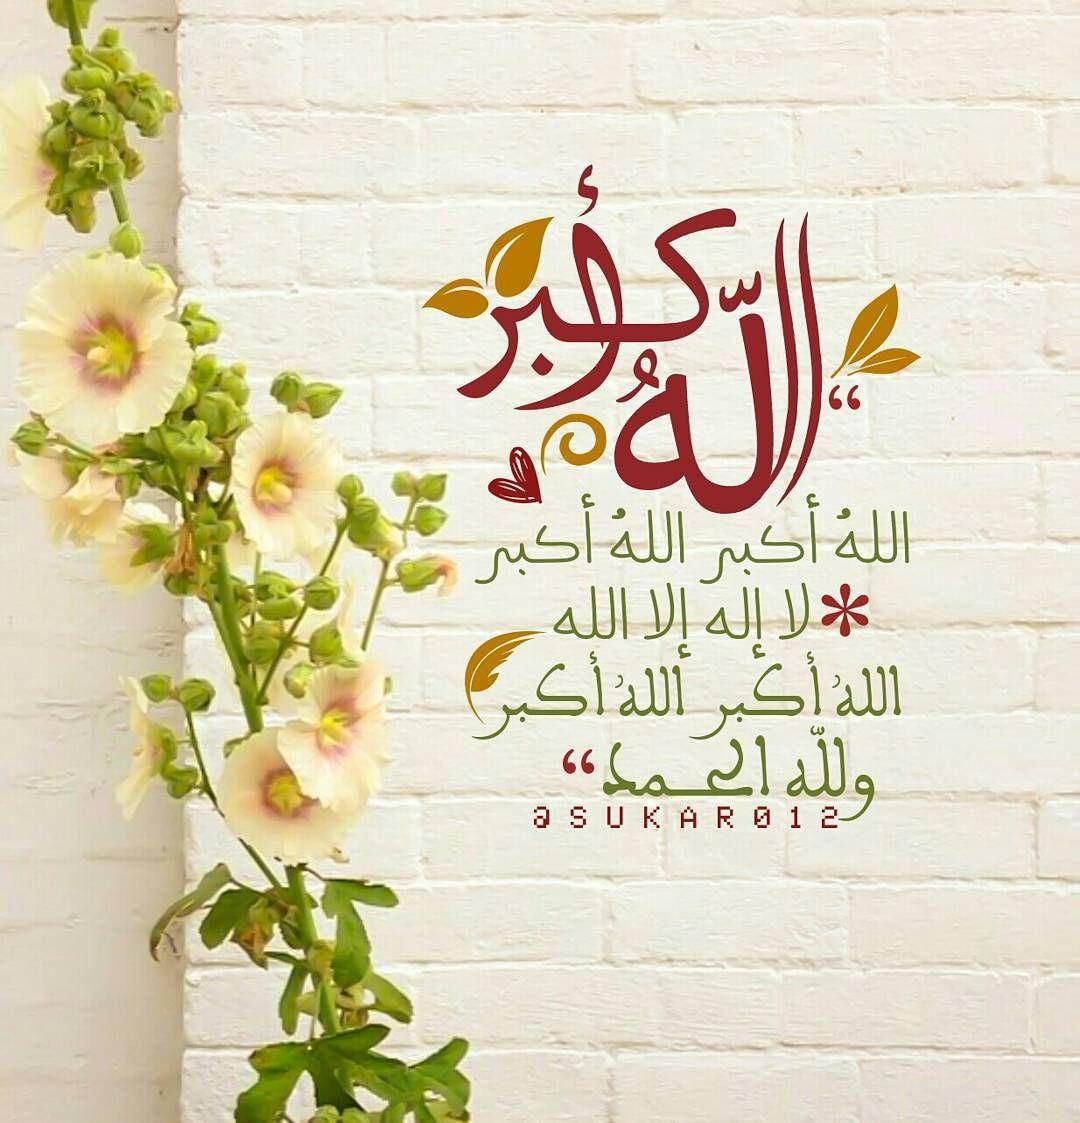 ا الله أكبر الله أكبر الله أكبر لا إله إلا الله الله أكبر الله أكبر ولله الحمد عشر ذي الحجة Islam Light Box Allah